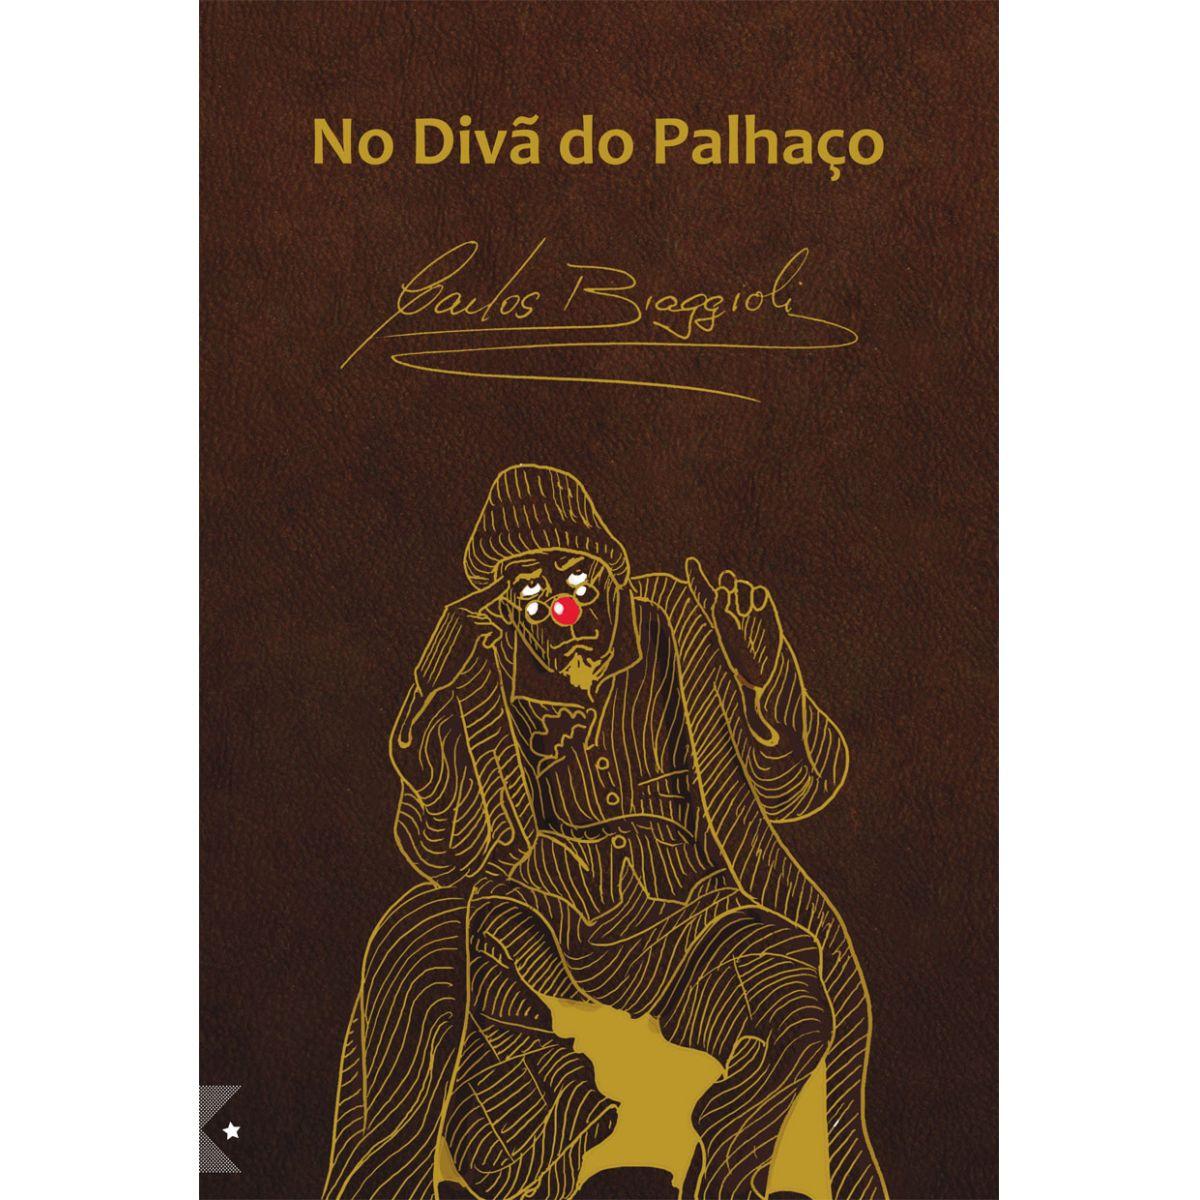 No Divã do Palhaço, de Carlos Biaggioli